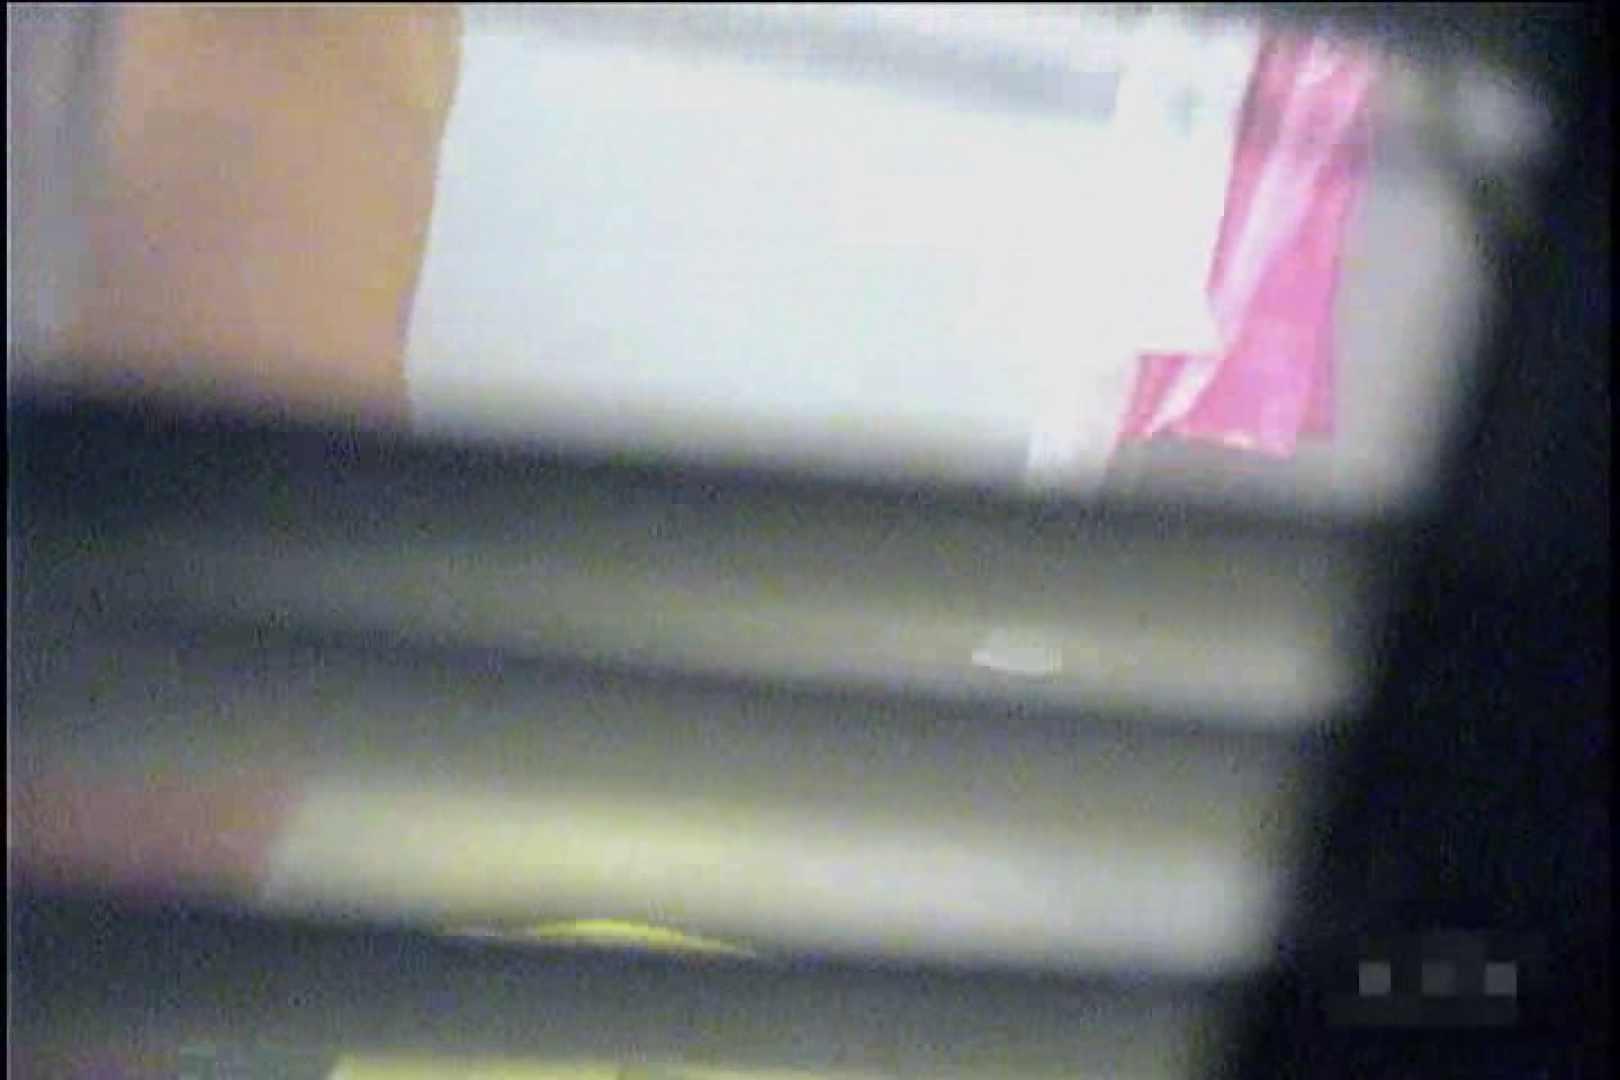 深夜の撮影会Vol.5 脱衣所の着替え オマンコ動画キャプチャ 60画像 40